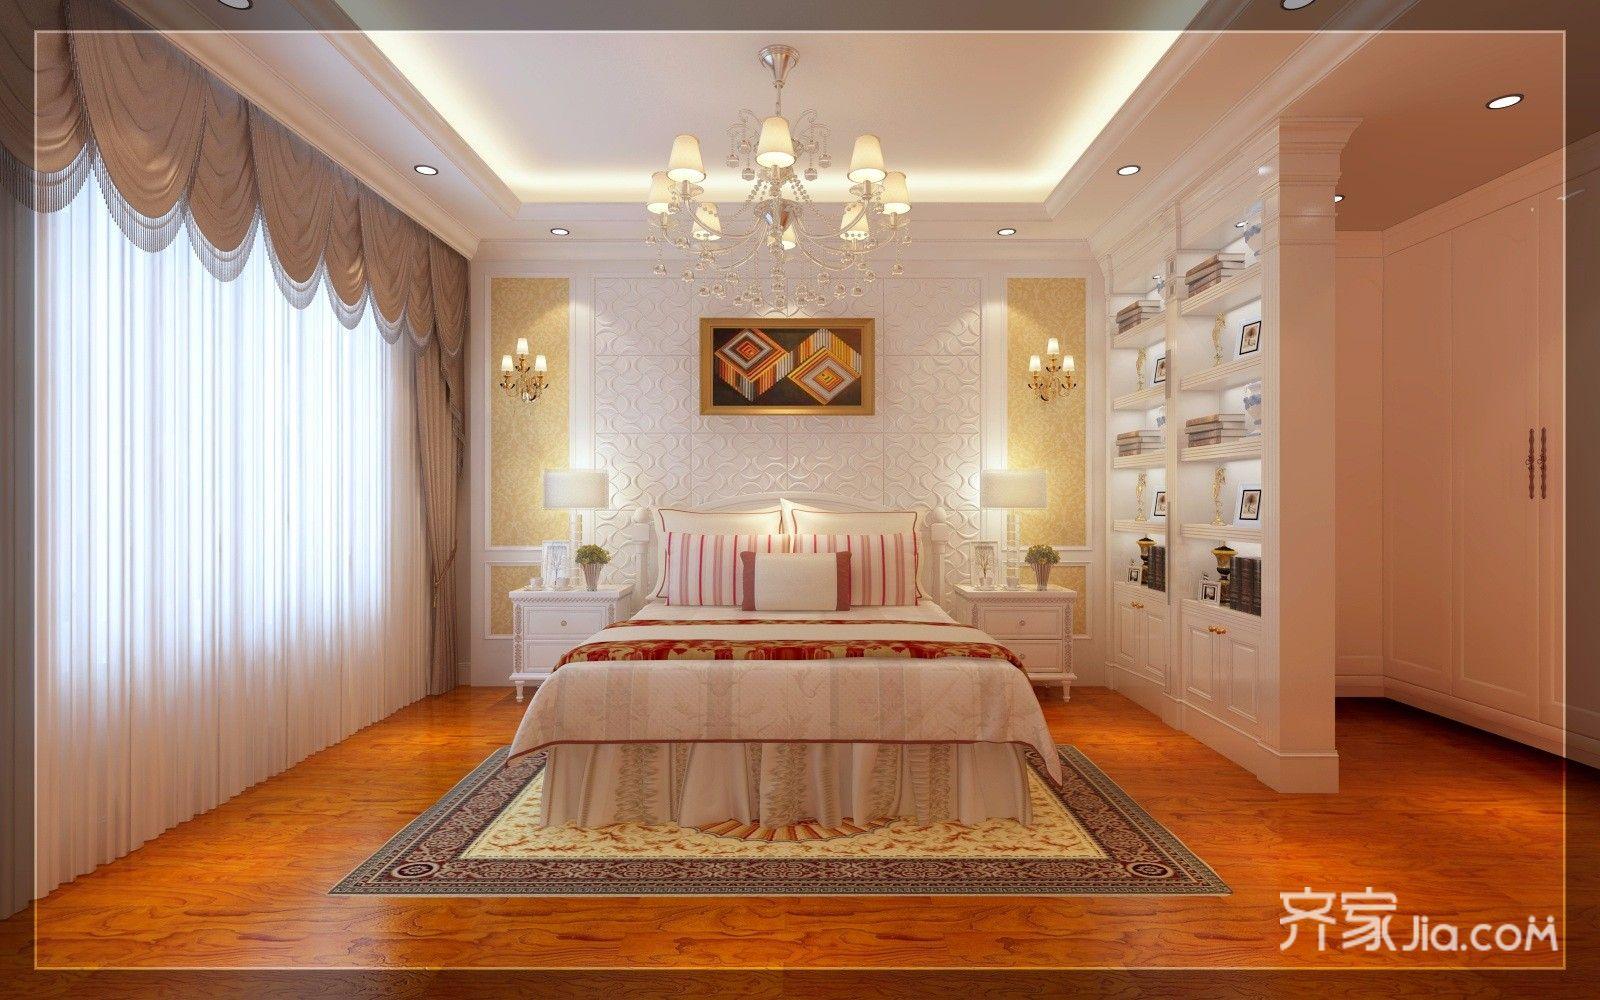 豪华欧式风格三居卧室装修效果图